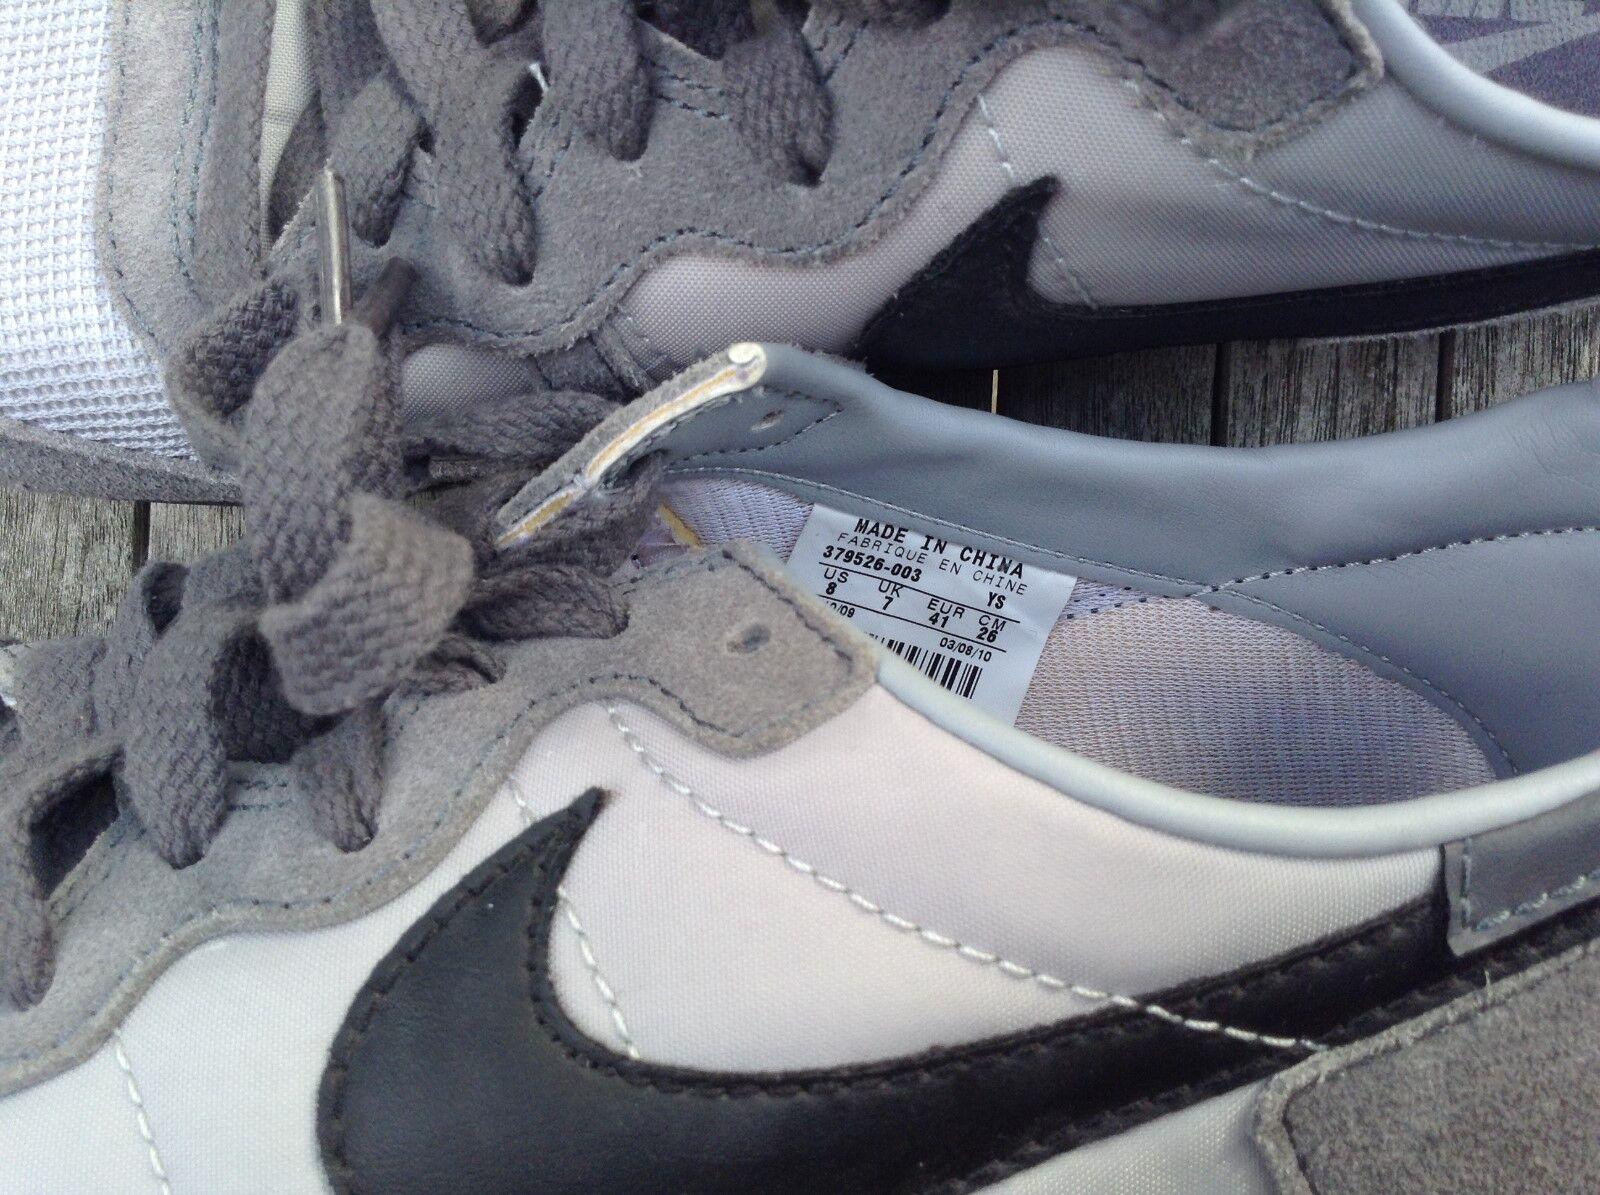 Nike herausforderer 41 + 42 max 90 1 flyknit racer racer flyknit jordan reagieren vortex epischen cortez 97 38393a